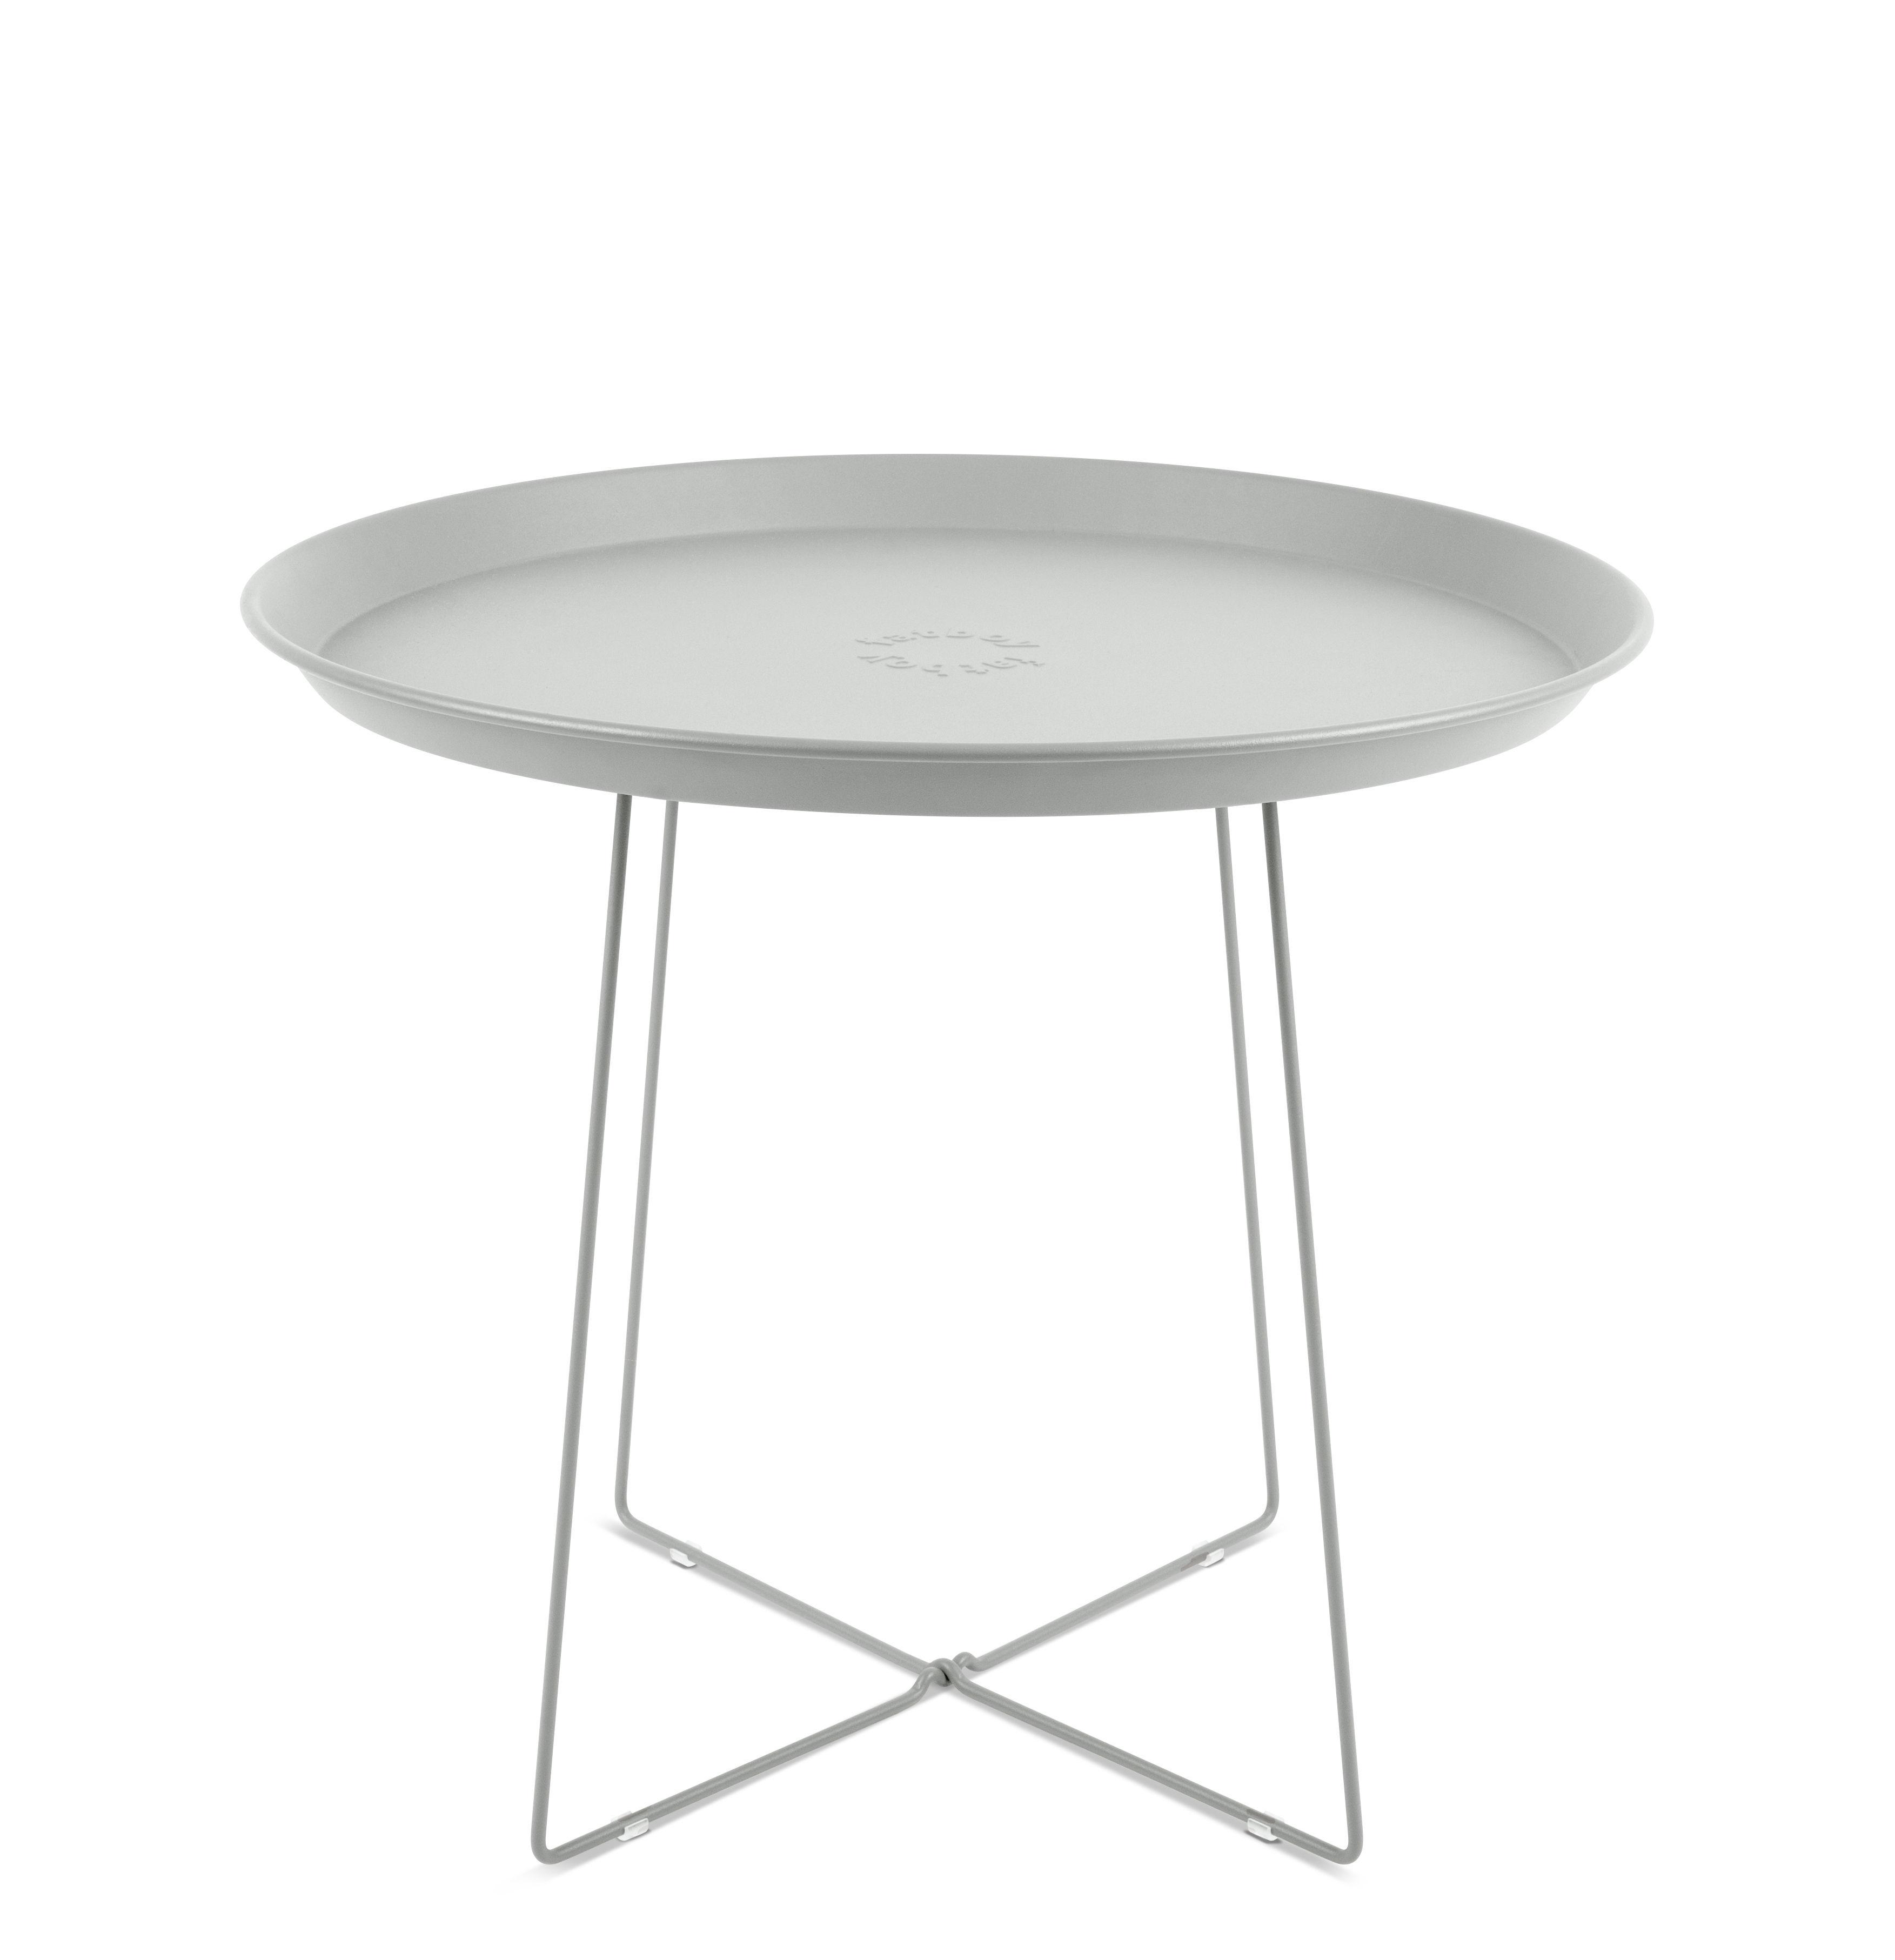 Mobilier - Tables basses - Table basse Plat-o / Plateau amovible - Ø 56 x H 46 cm - Fatboy - Gris clair - Acier peint